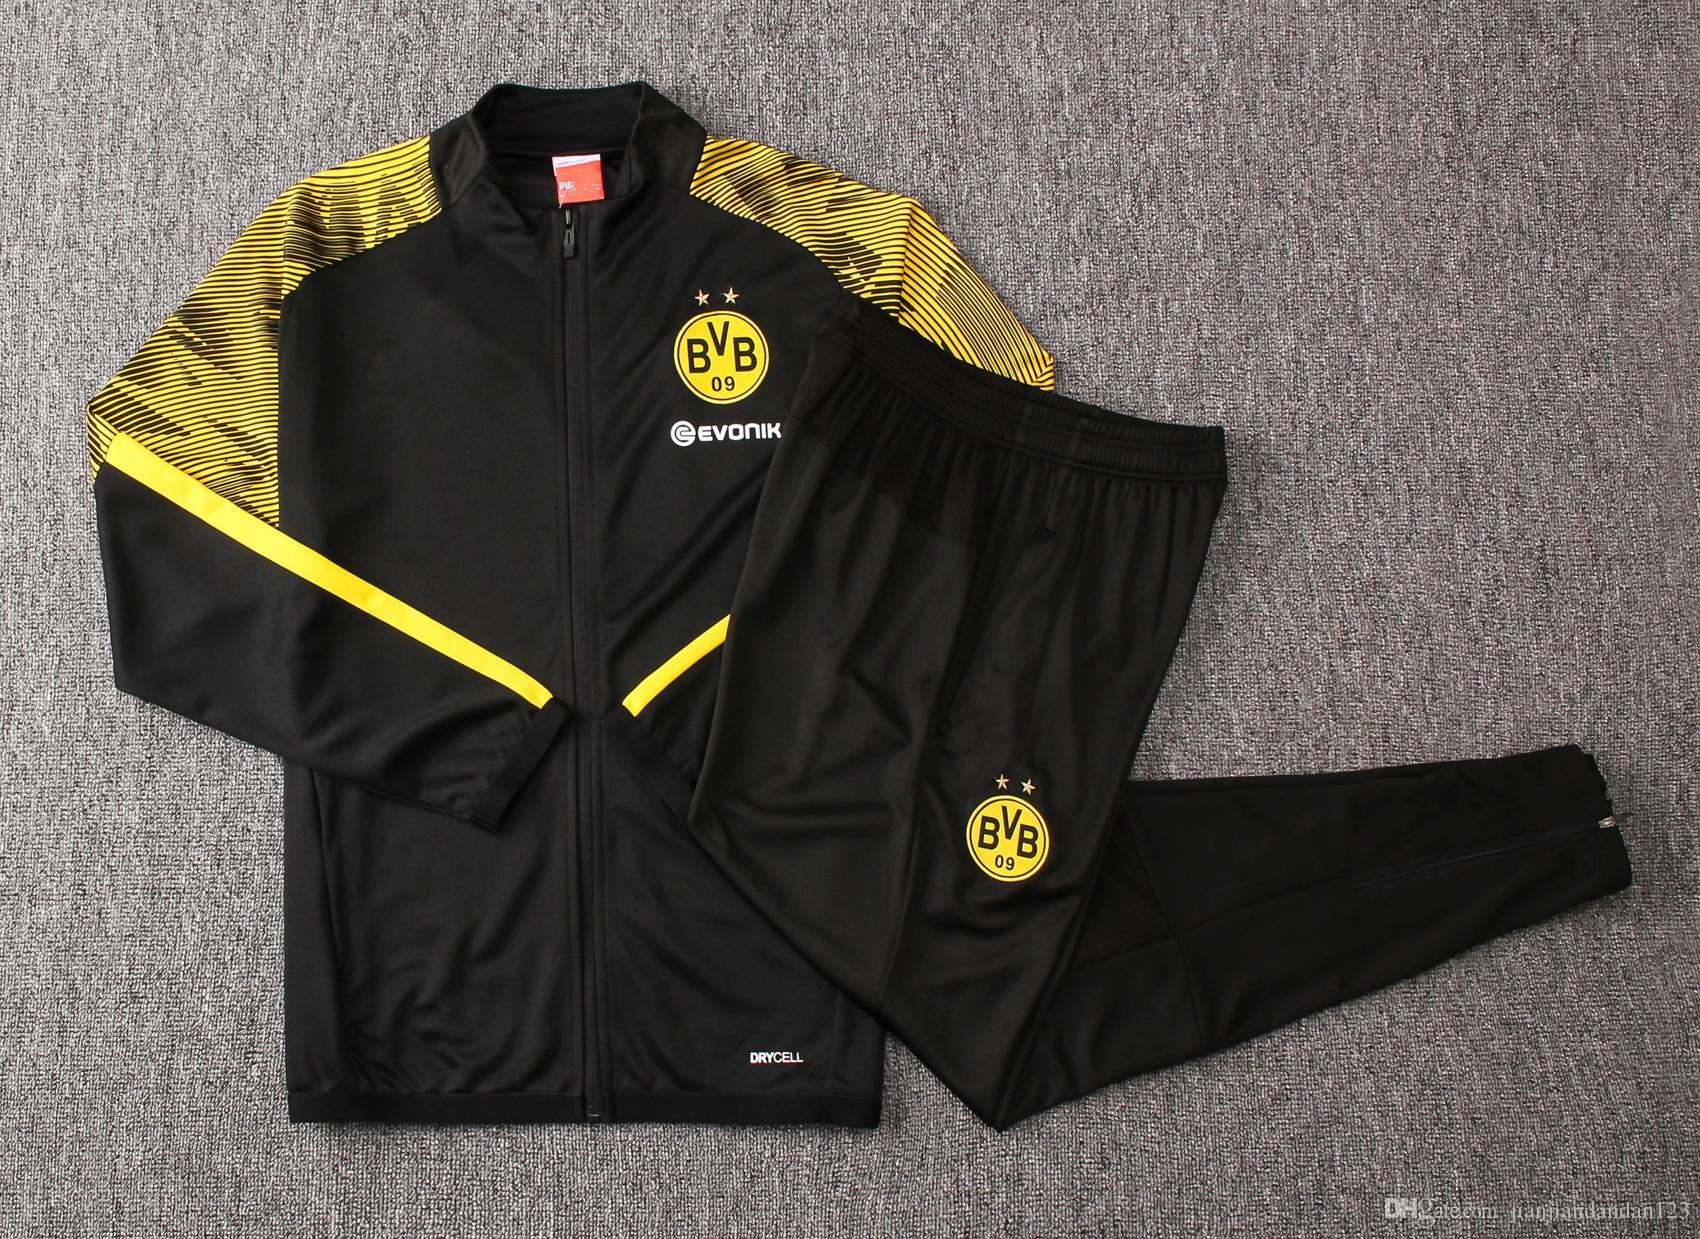 Acquista Buona Qualità Nuove 19 20 Borussia Dortmund Giacca Da Uomo Di Calcio 2020 Jersey BVB Tuta PACO Sportwear Pieno Cerniera Cappotti REUS A Vento ...